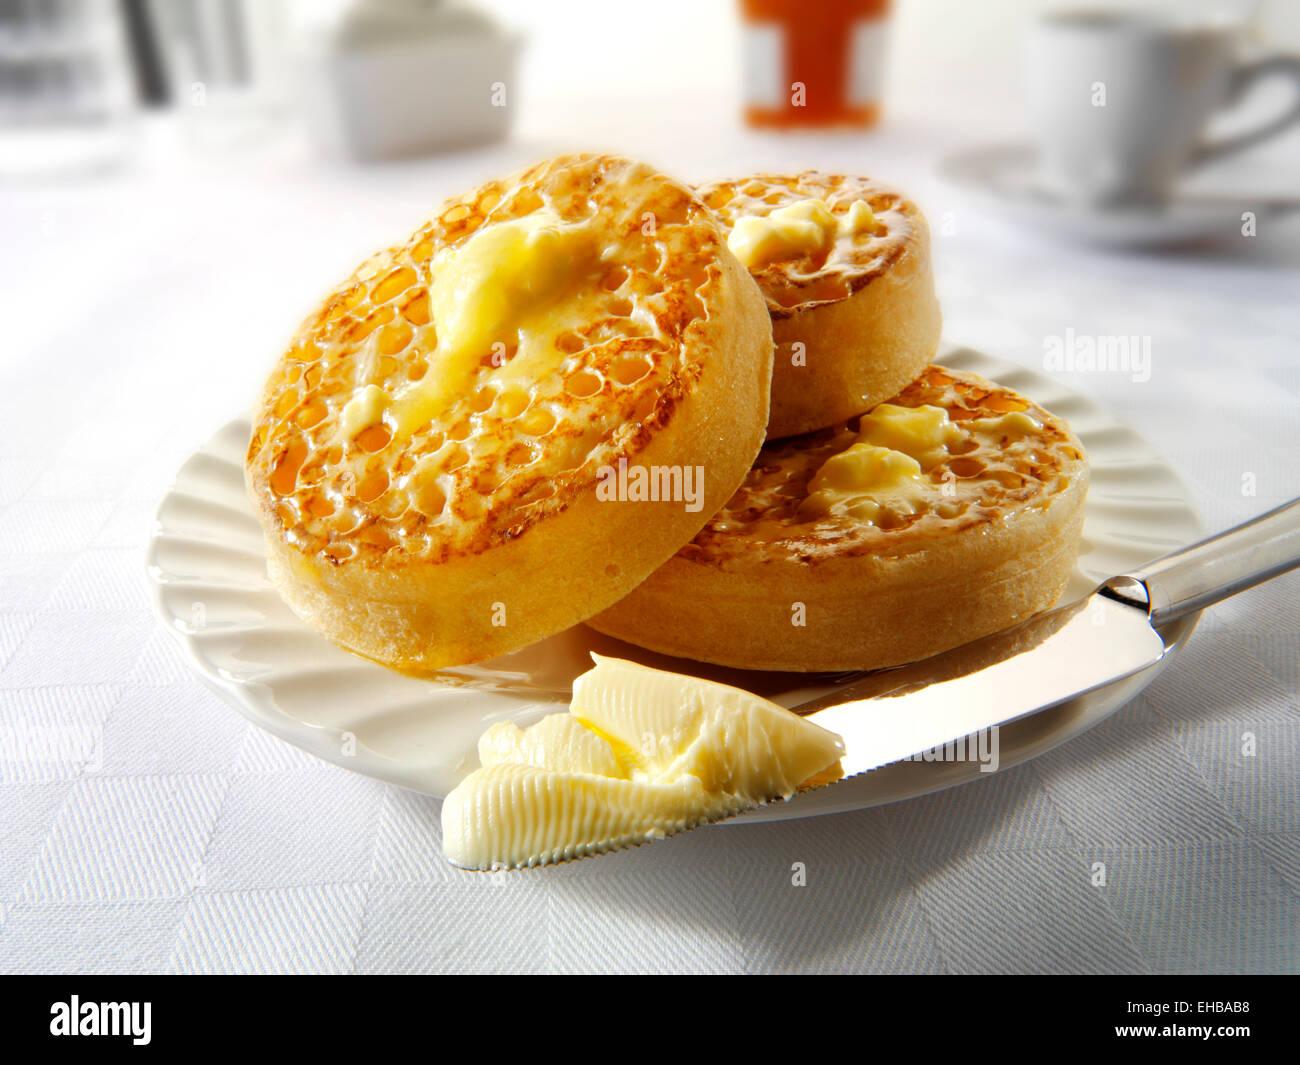 Hot buttered toast traditionnel des crumpets sur une plaque blanche sur une table, avec du beurre fondu prêt Photo Stock